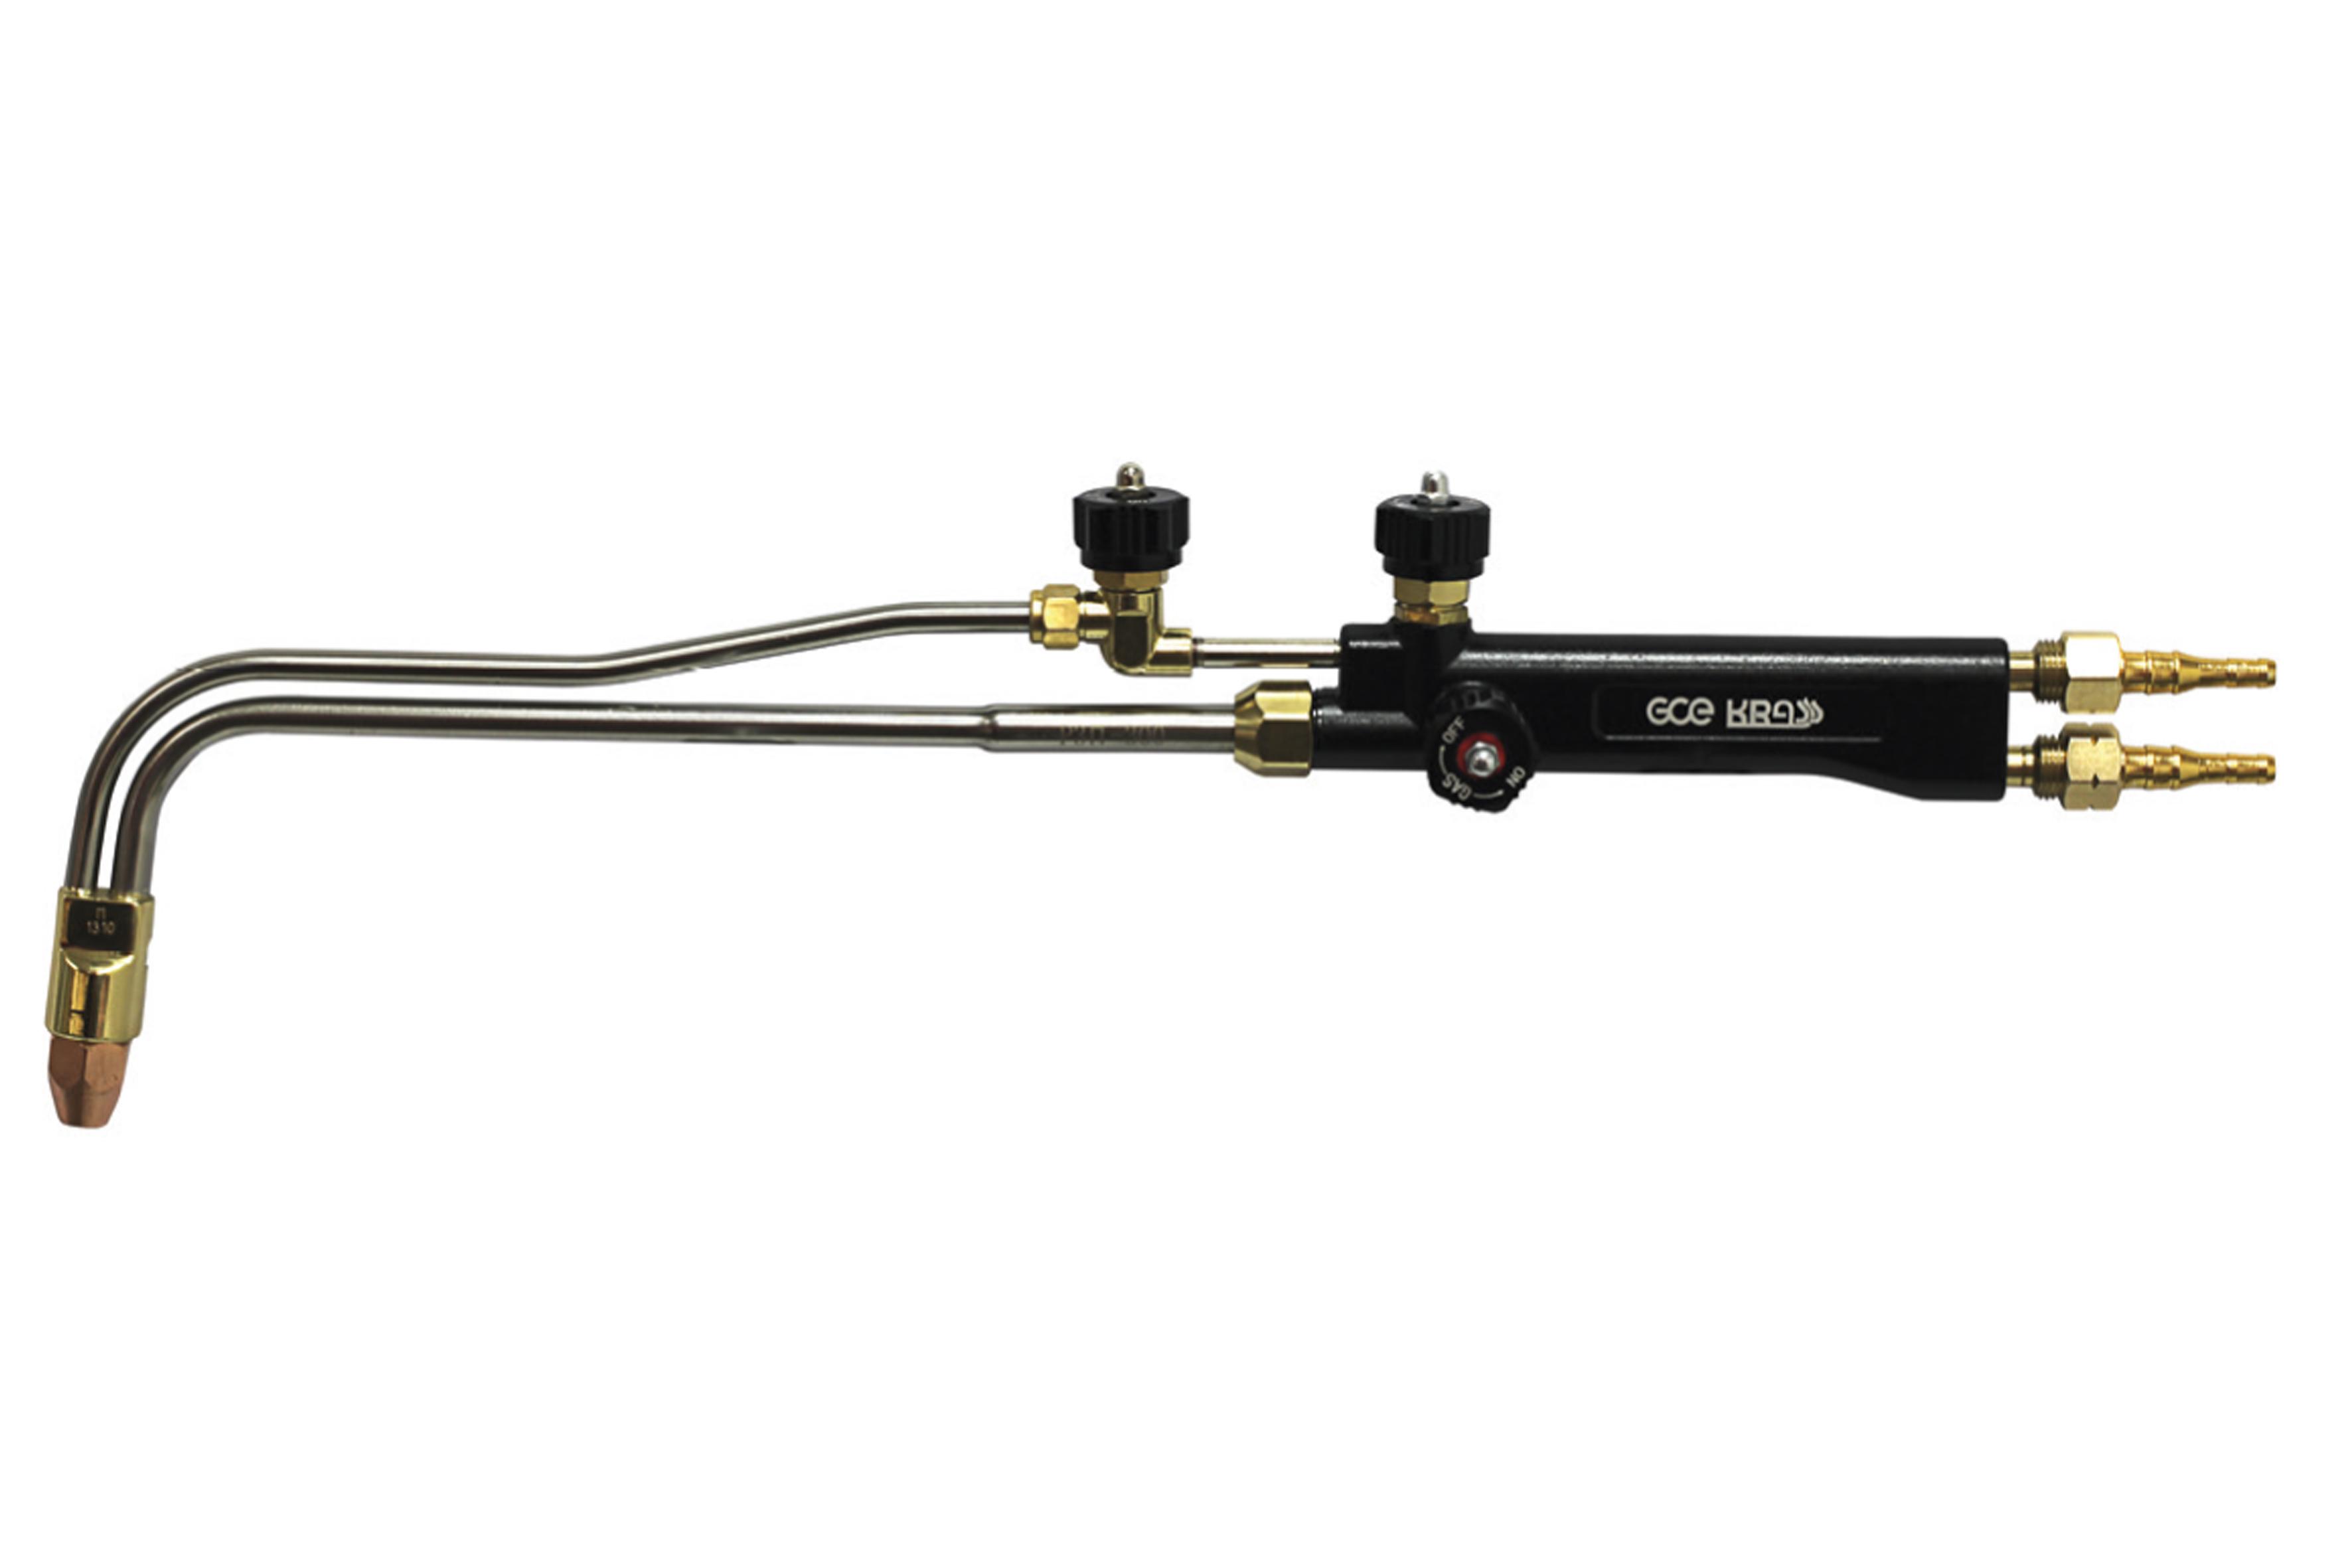 Резак пропановый Krass Р3П-300 deli 8015 стальной резак резак резак резак 250 мм 250 мм